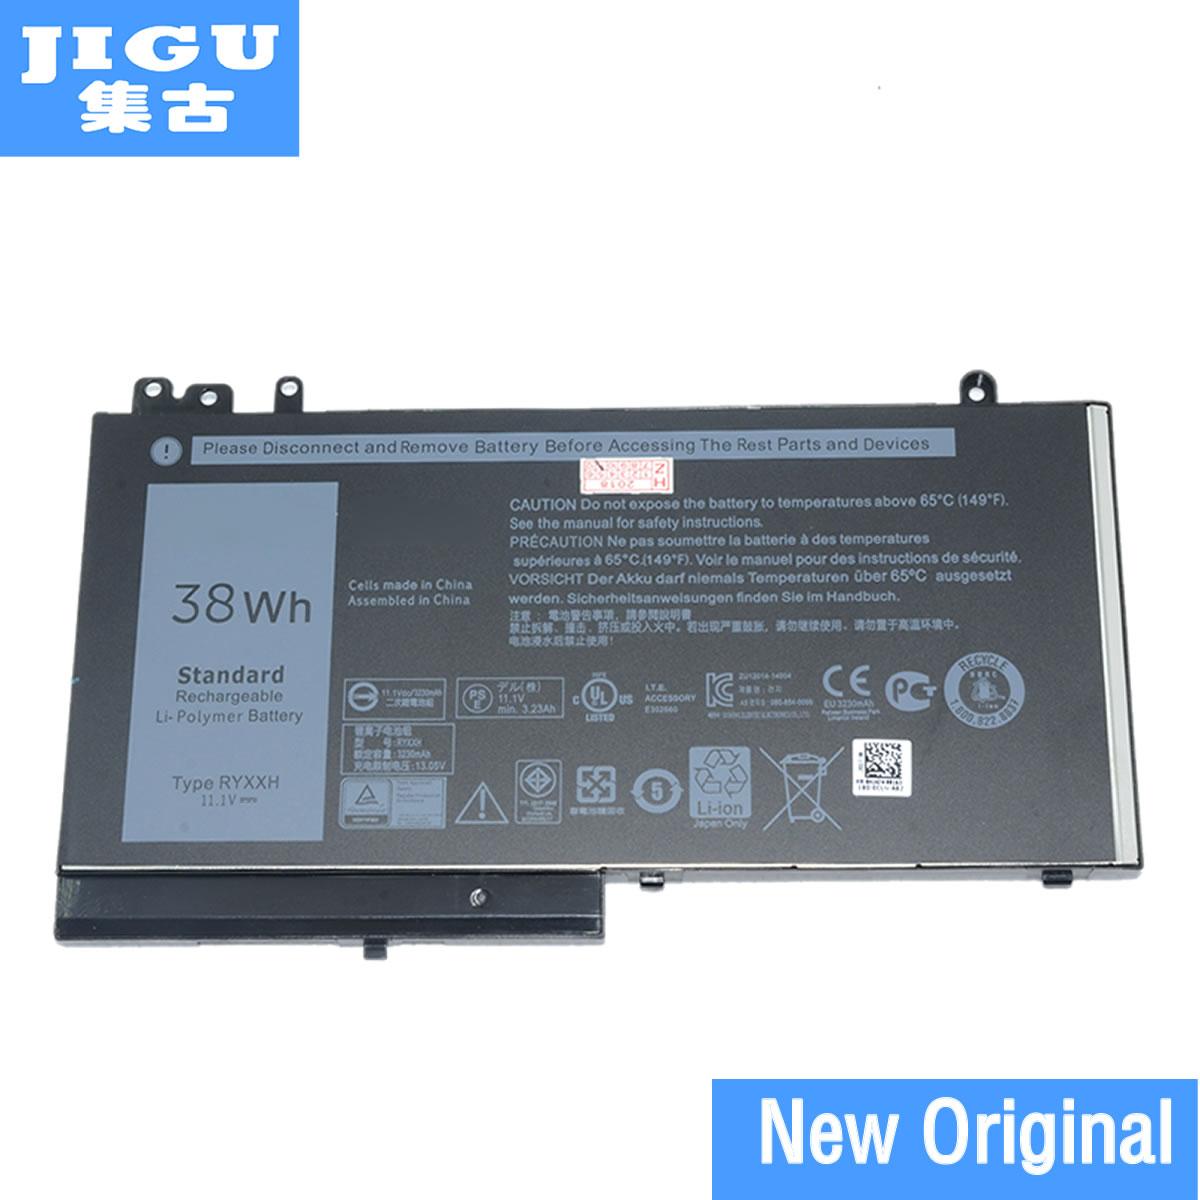 JIGU Batterie D'ordinateur Portable D'origine 05 4TFCY 09P402 5 4TFCY RYXXH Pour DELL Pour Latitude 12 5000 E5250 E5250